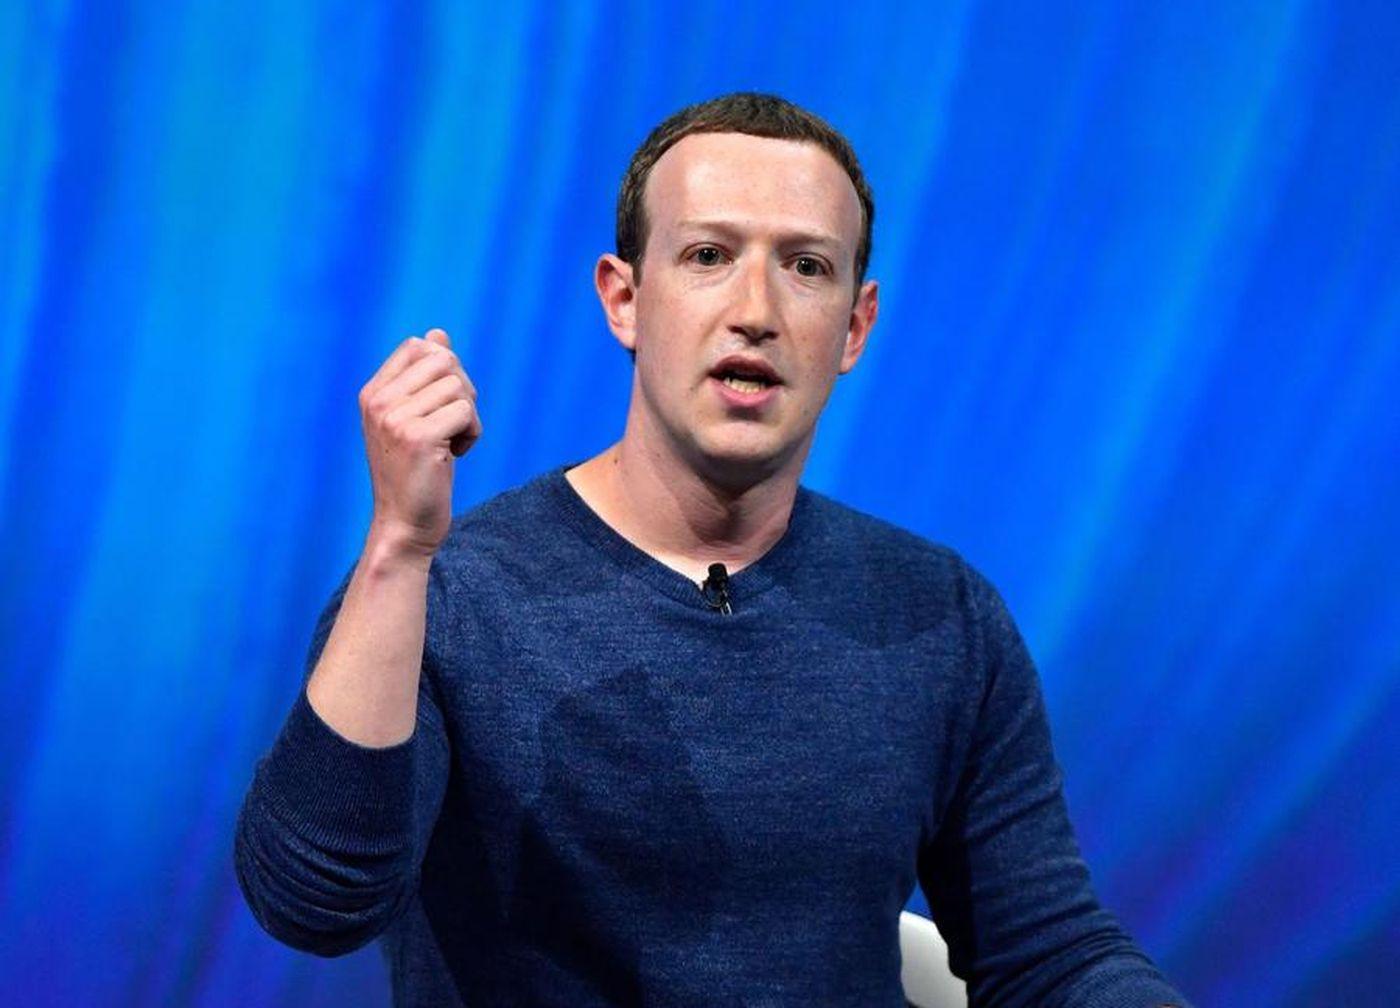 फेसबुक प्रमुख जुकरबर्गको सुरक्षामा बर्सेनि ८३ करोडभन्दा बढी खर्च